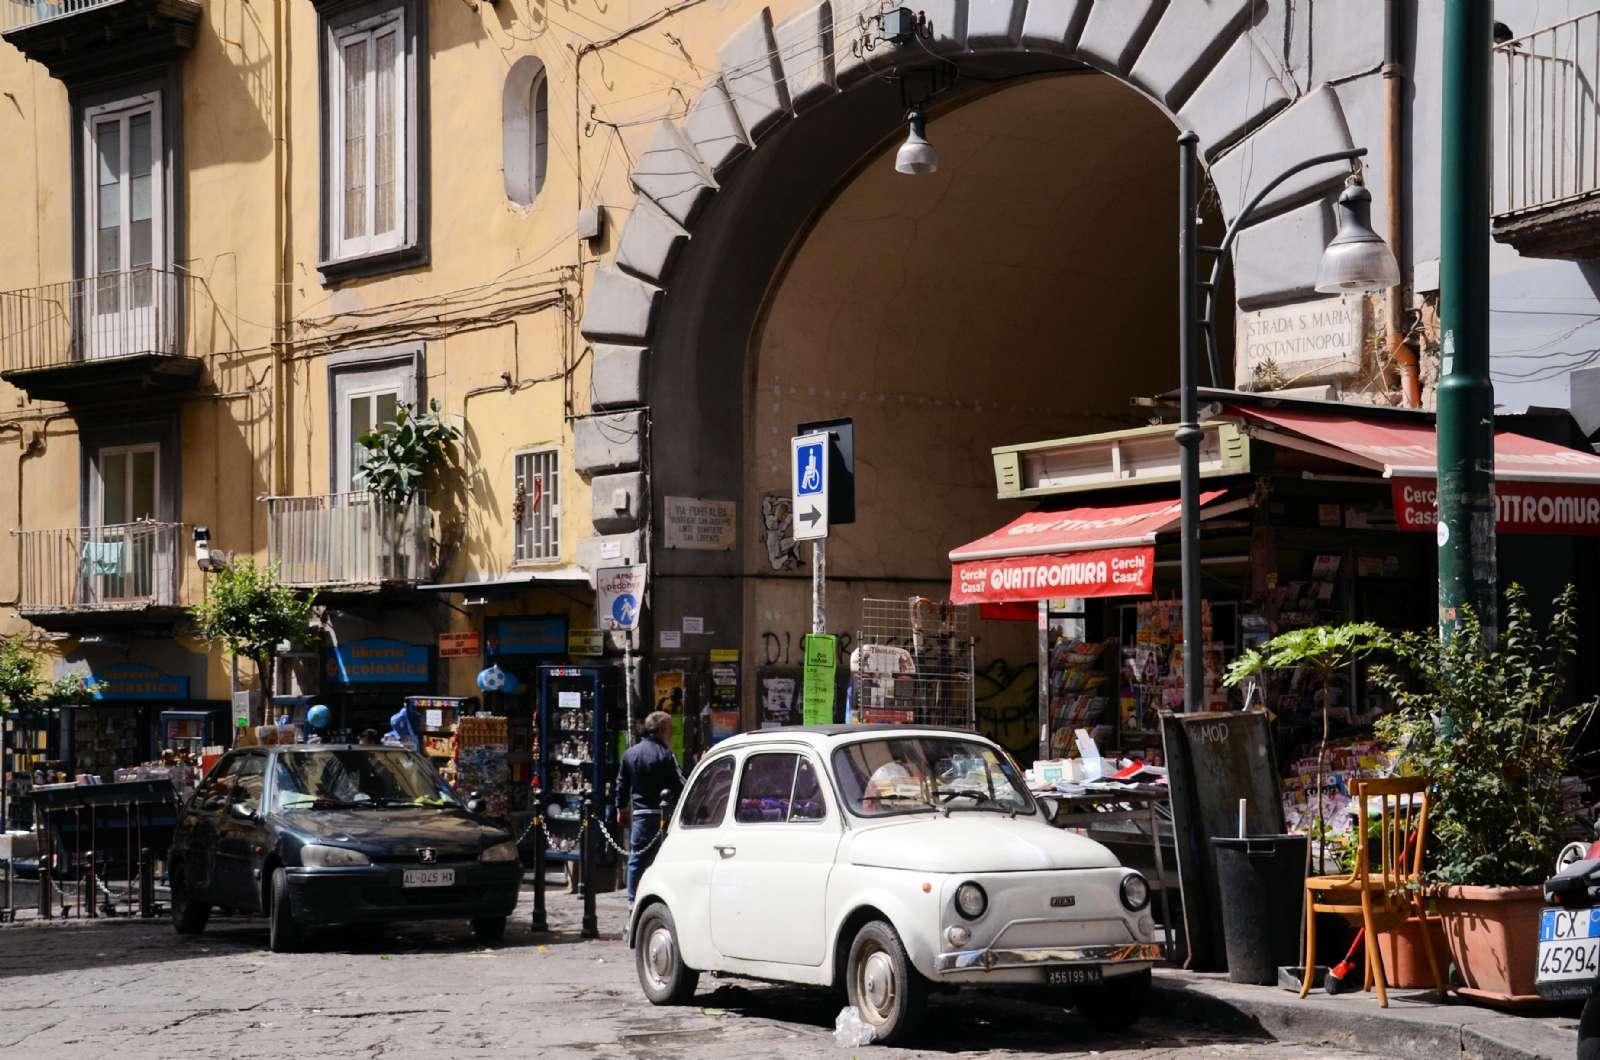 Stämningsbild från Neapel